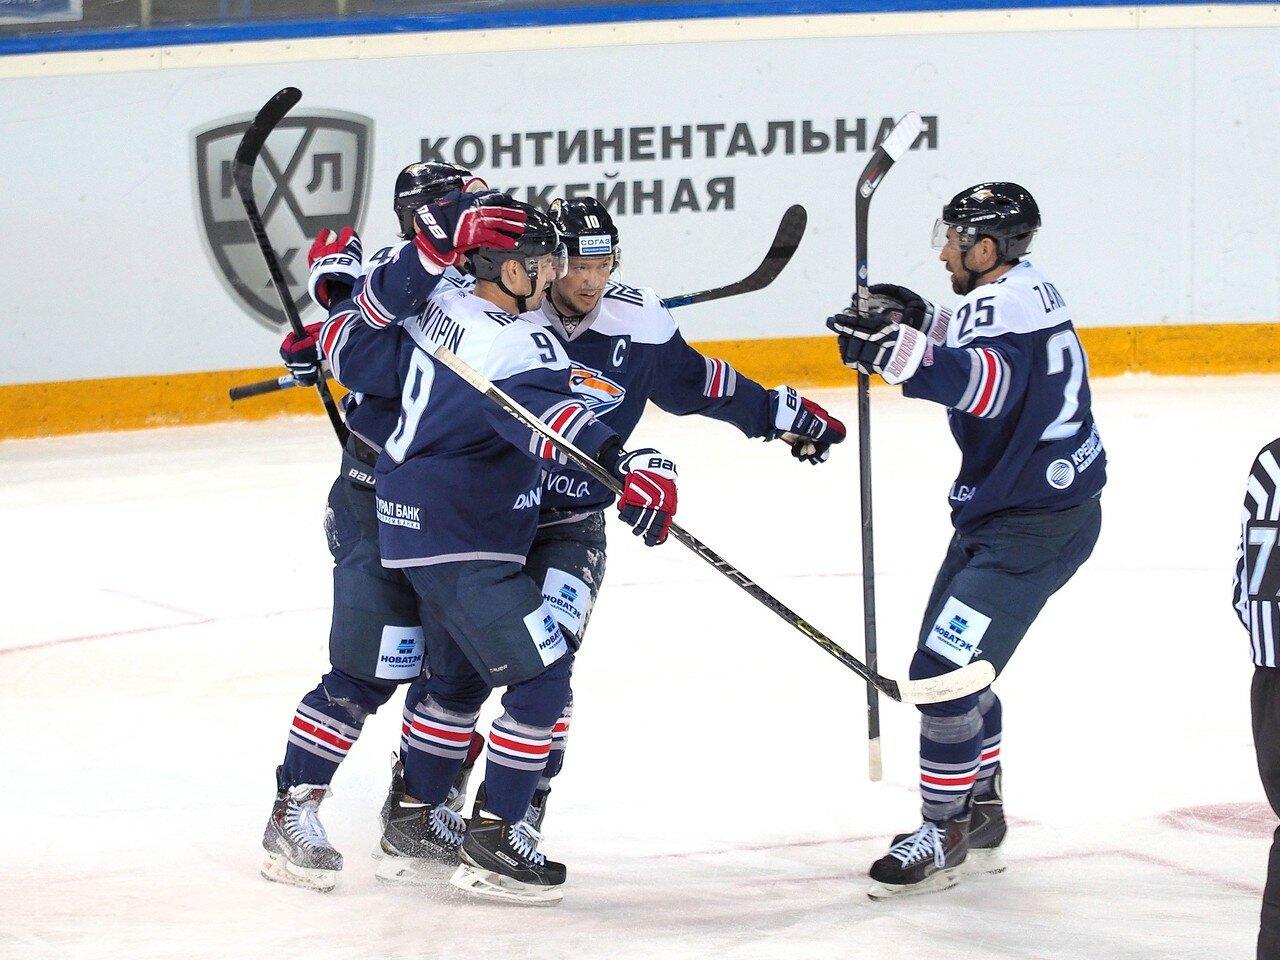 88Восток 1/4 плей-офф Металлург - Автомобилист 01.03.2016